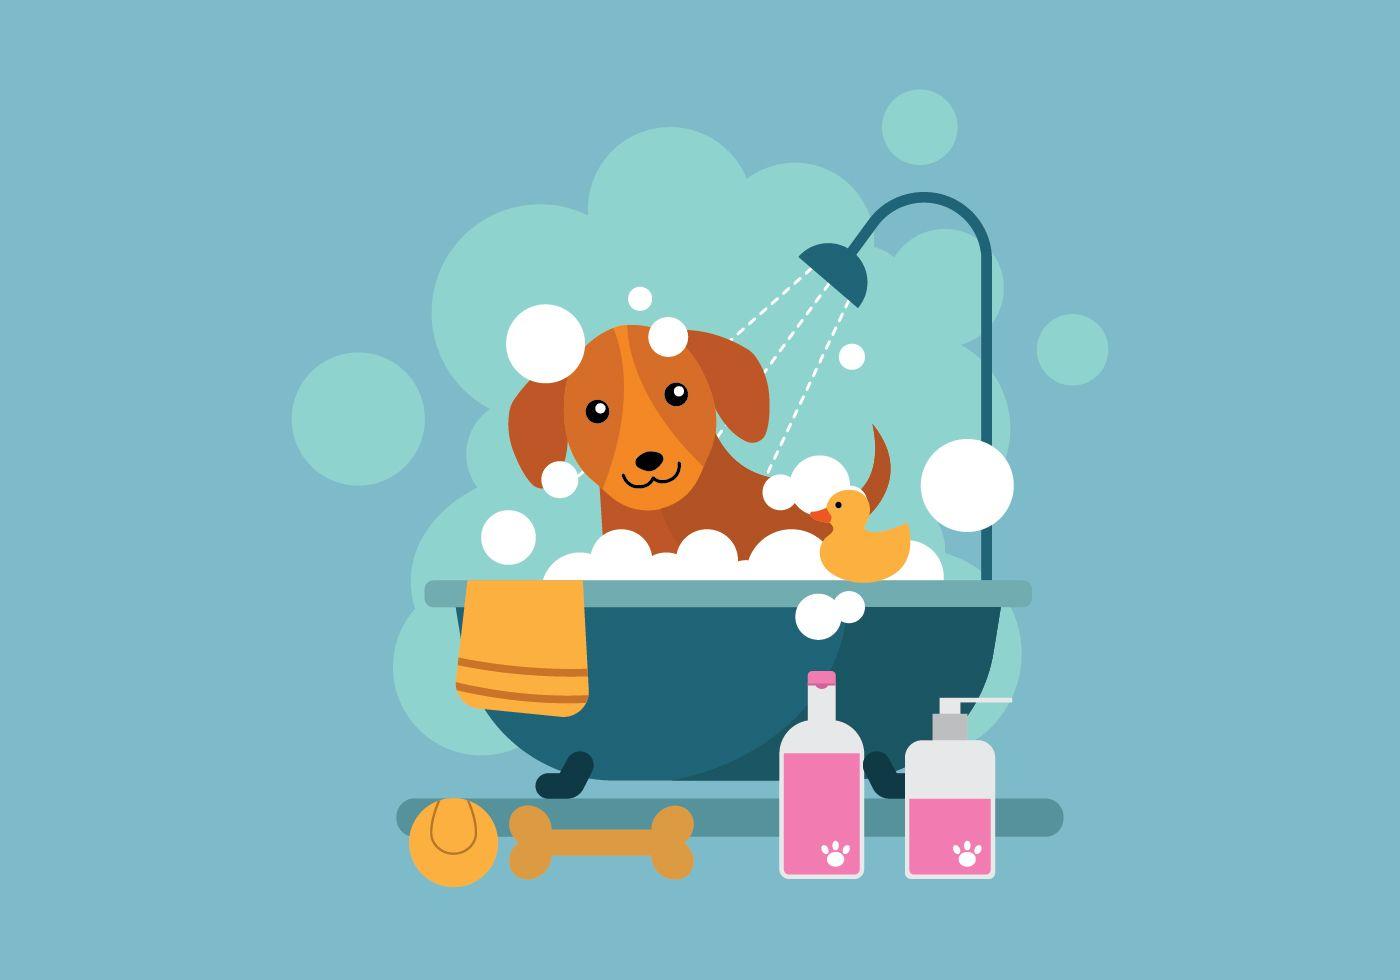 Free Cartoon Dog Taking A Bath In Bathtub Illustration Cartoon